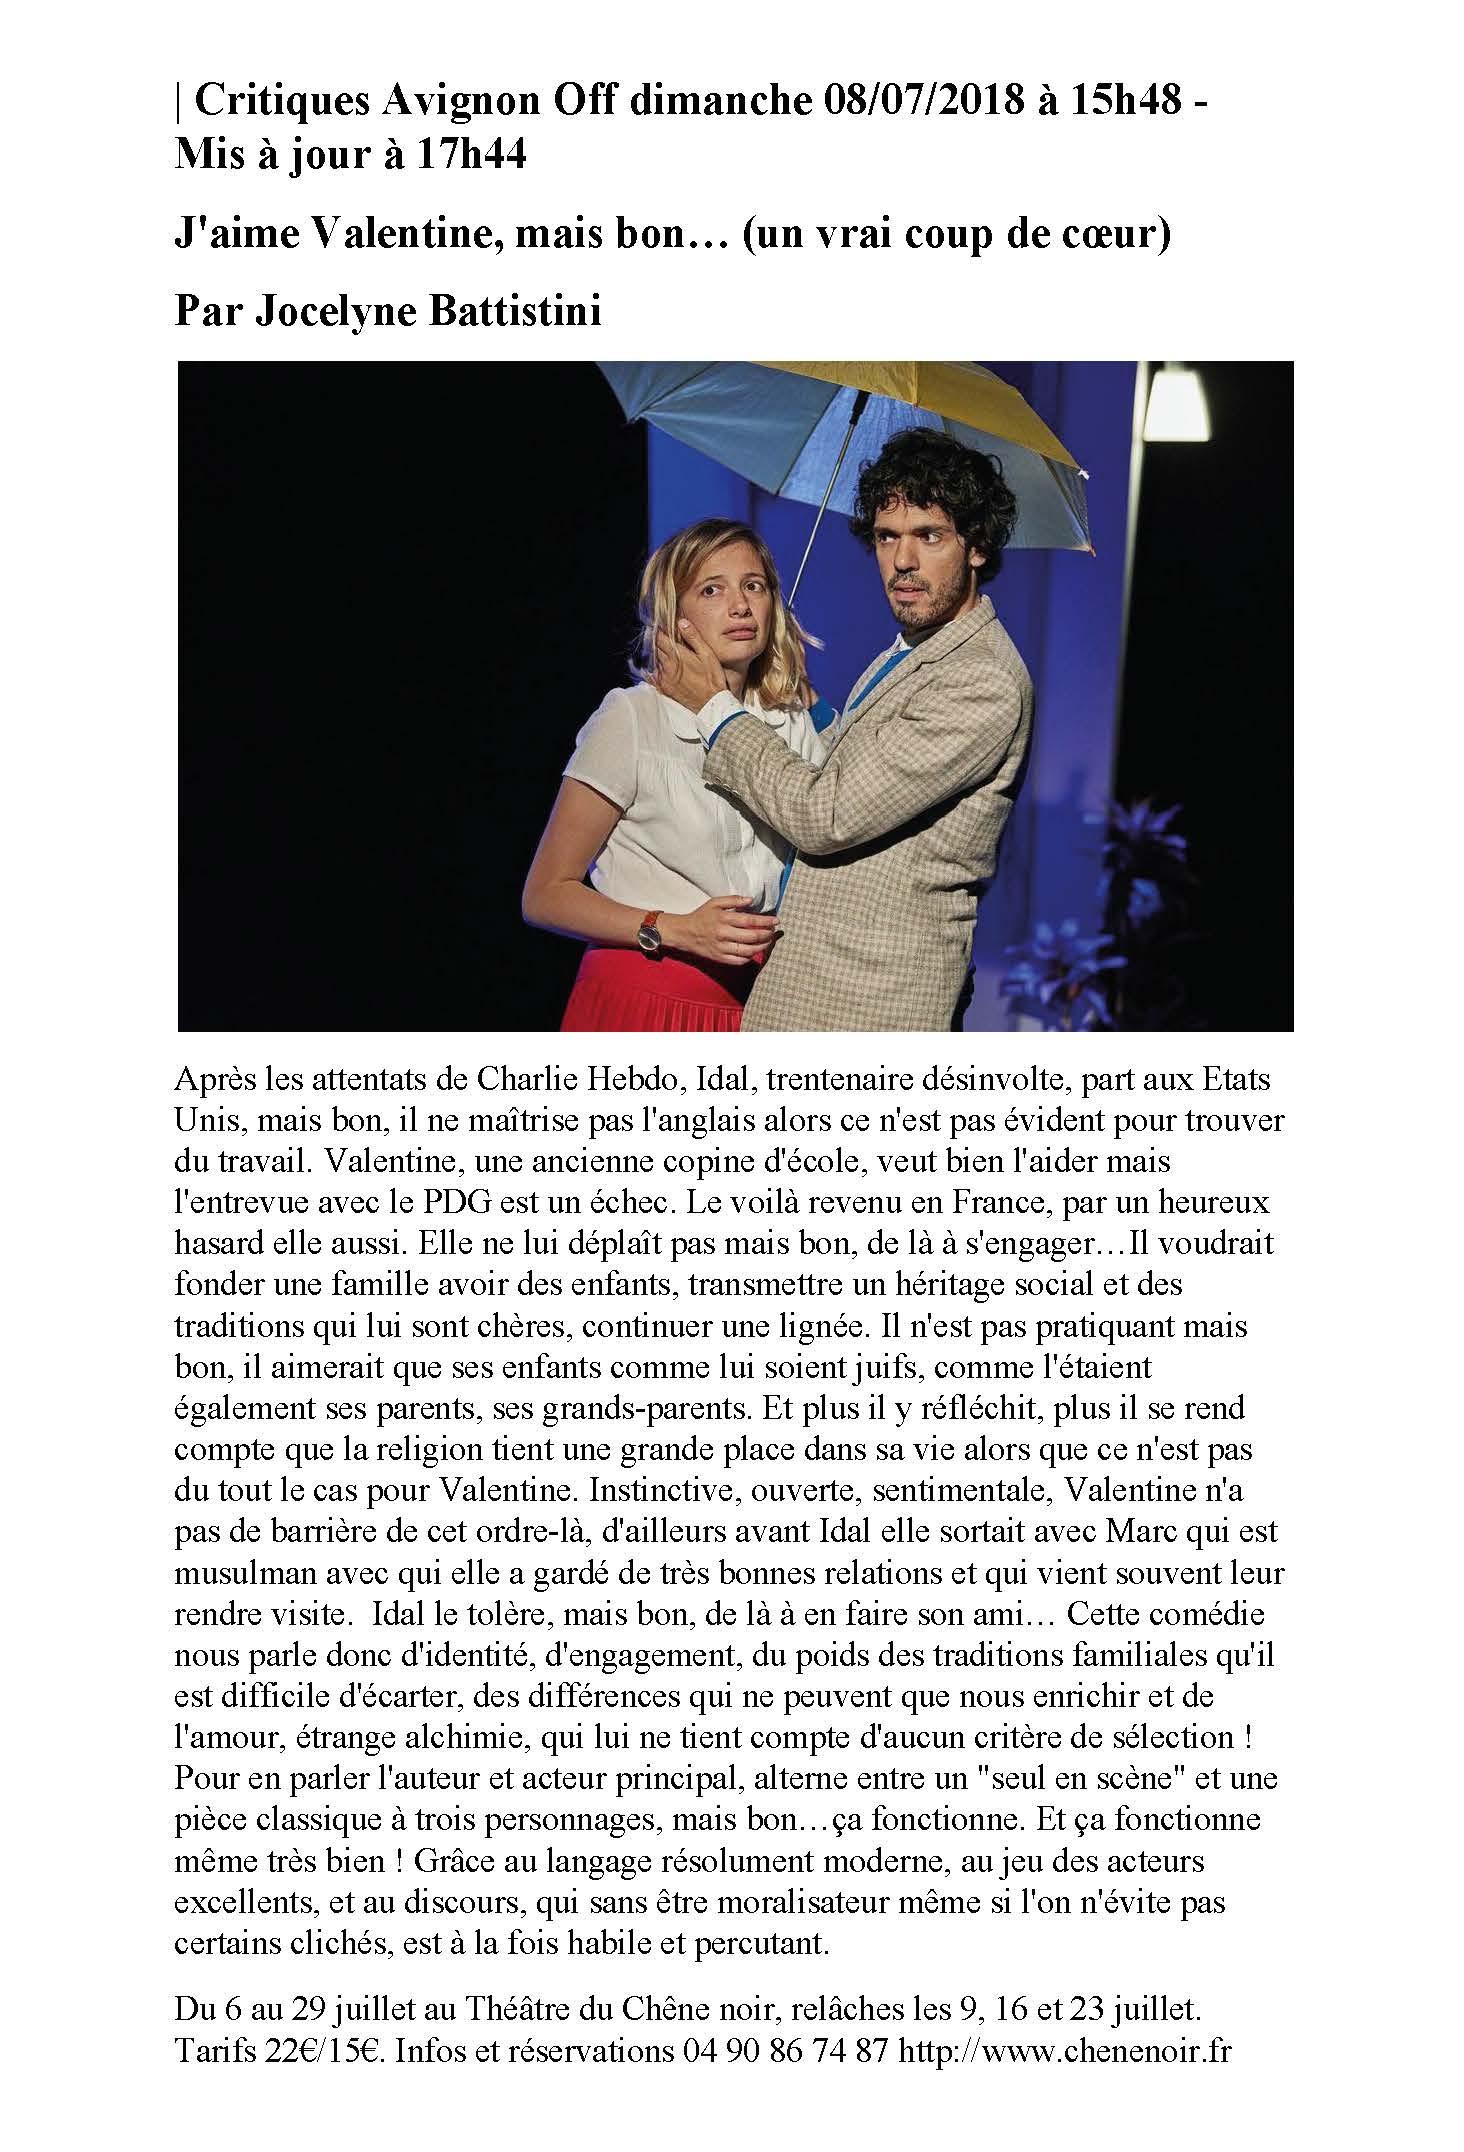 La Provence 08.07.18